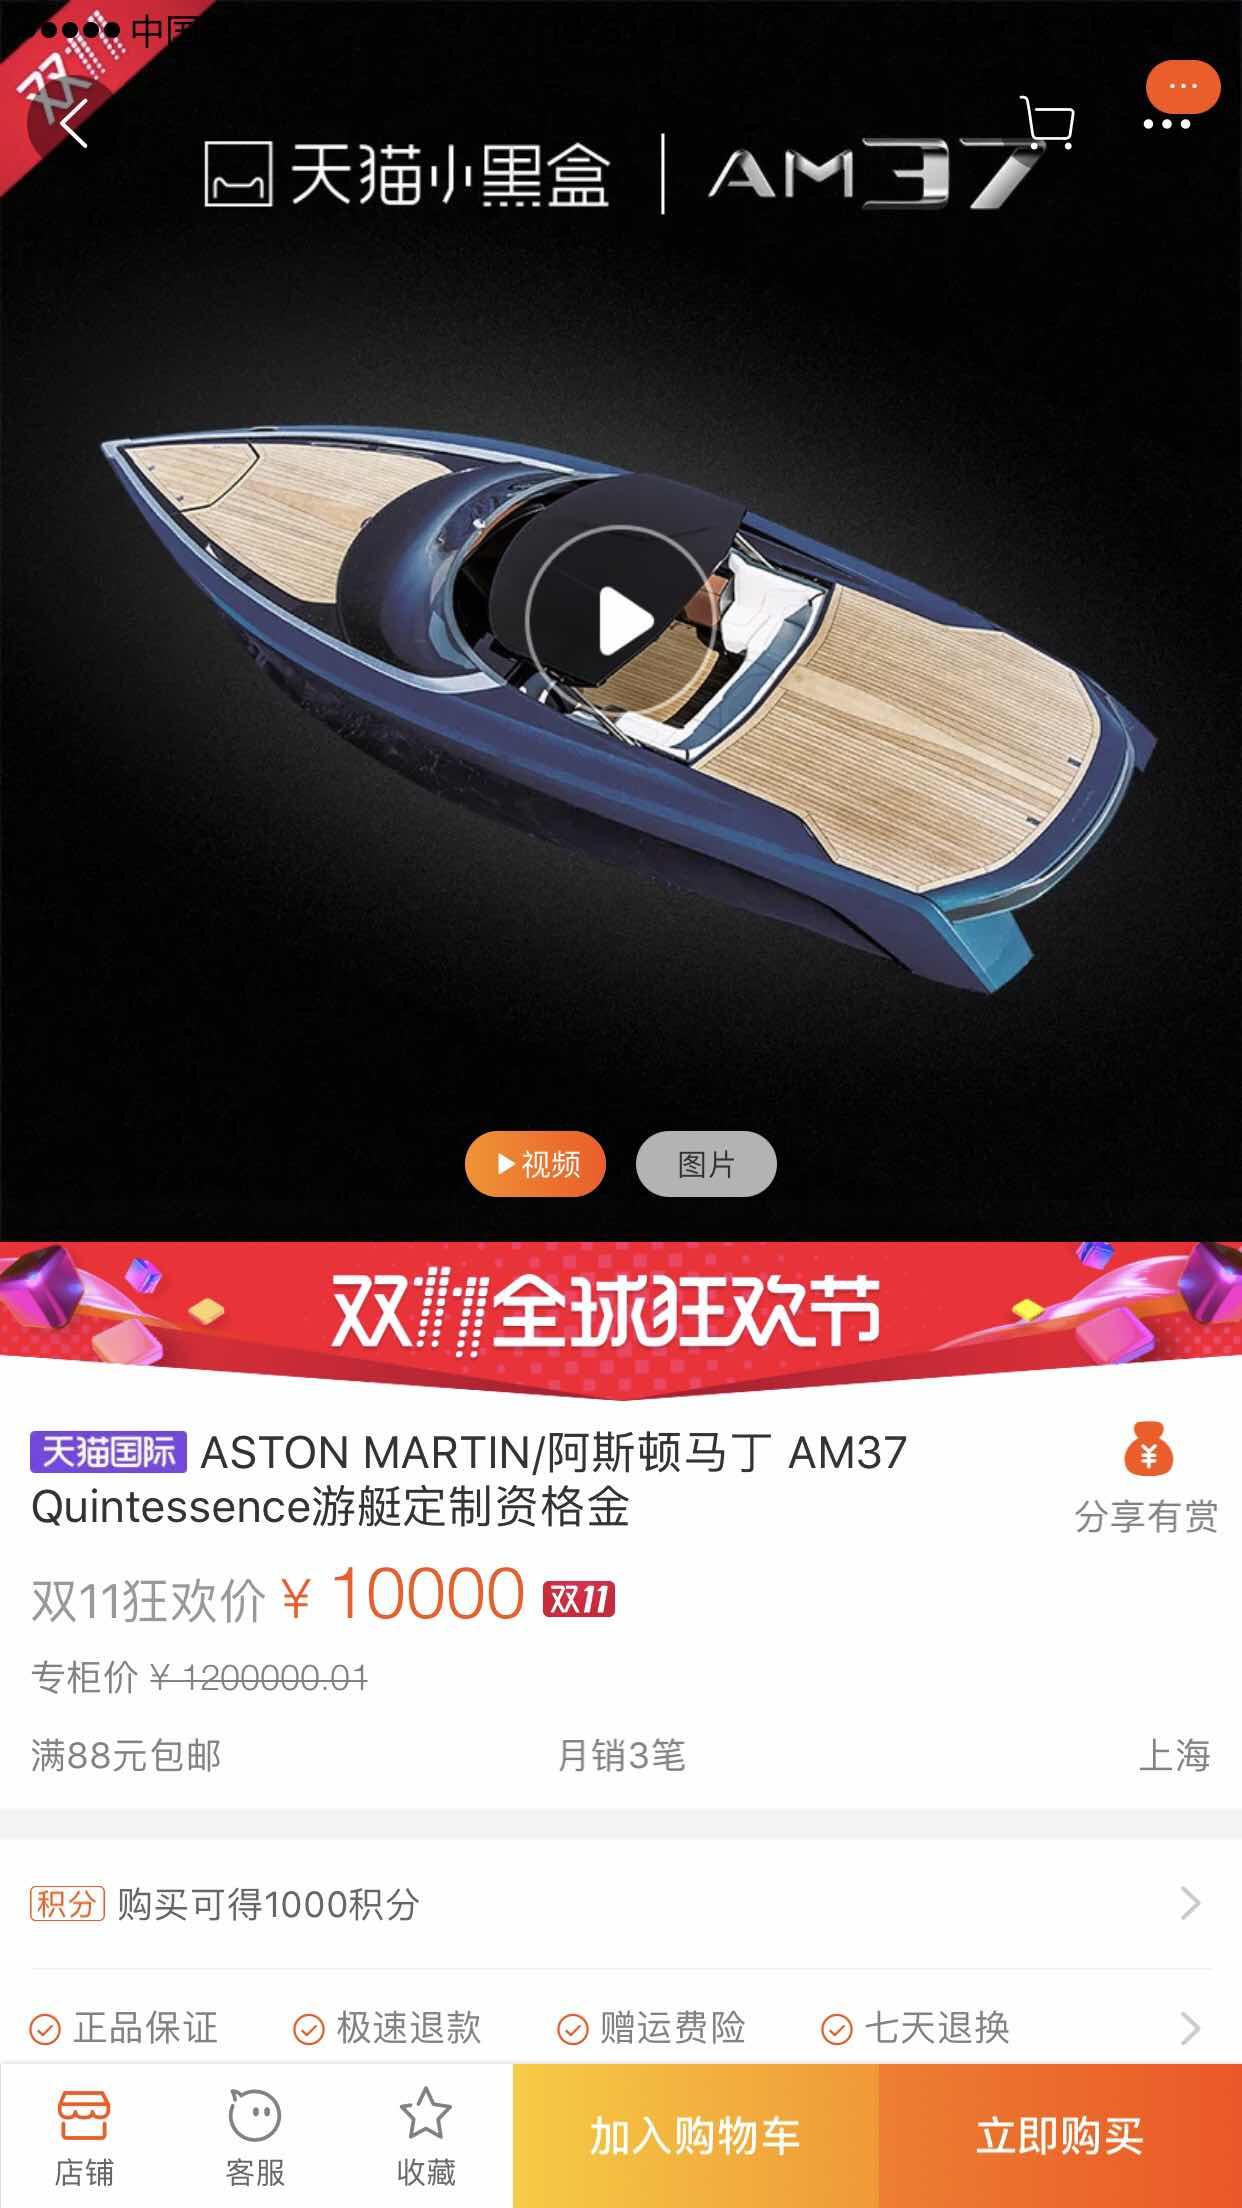 天猫双11当天,三位中国买家拍下了这艘千万游艇